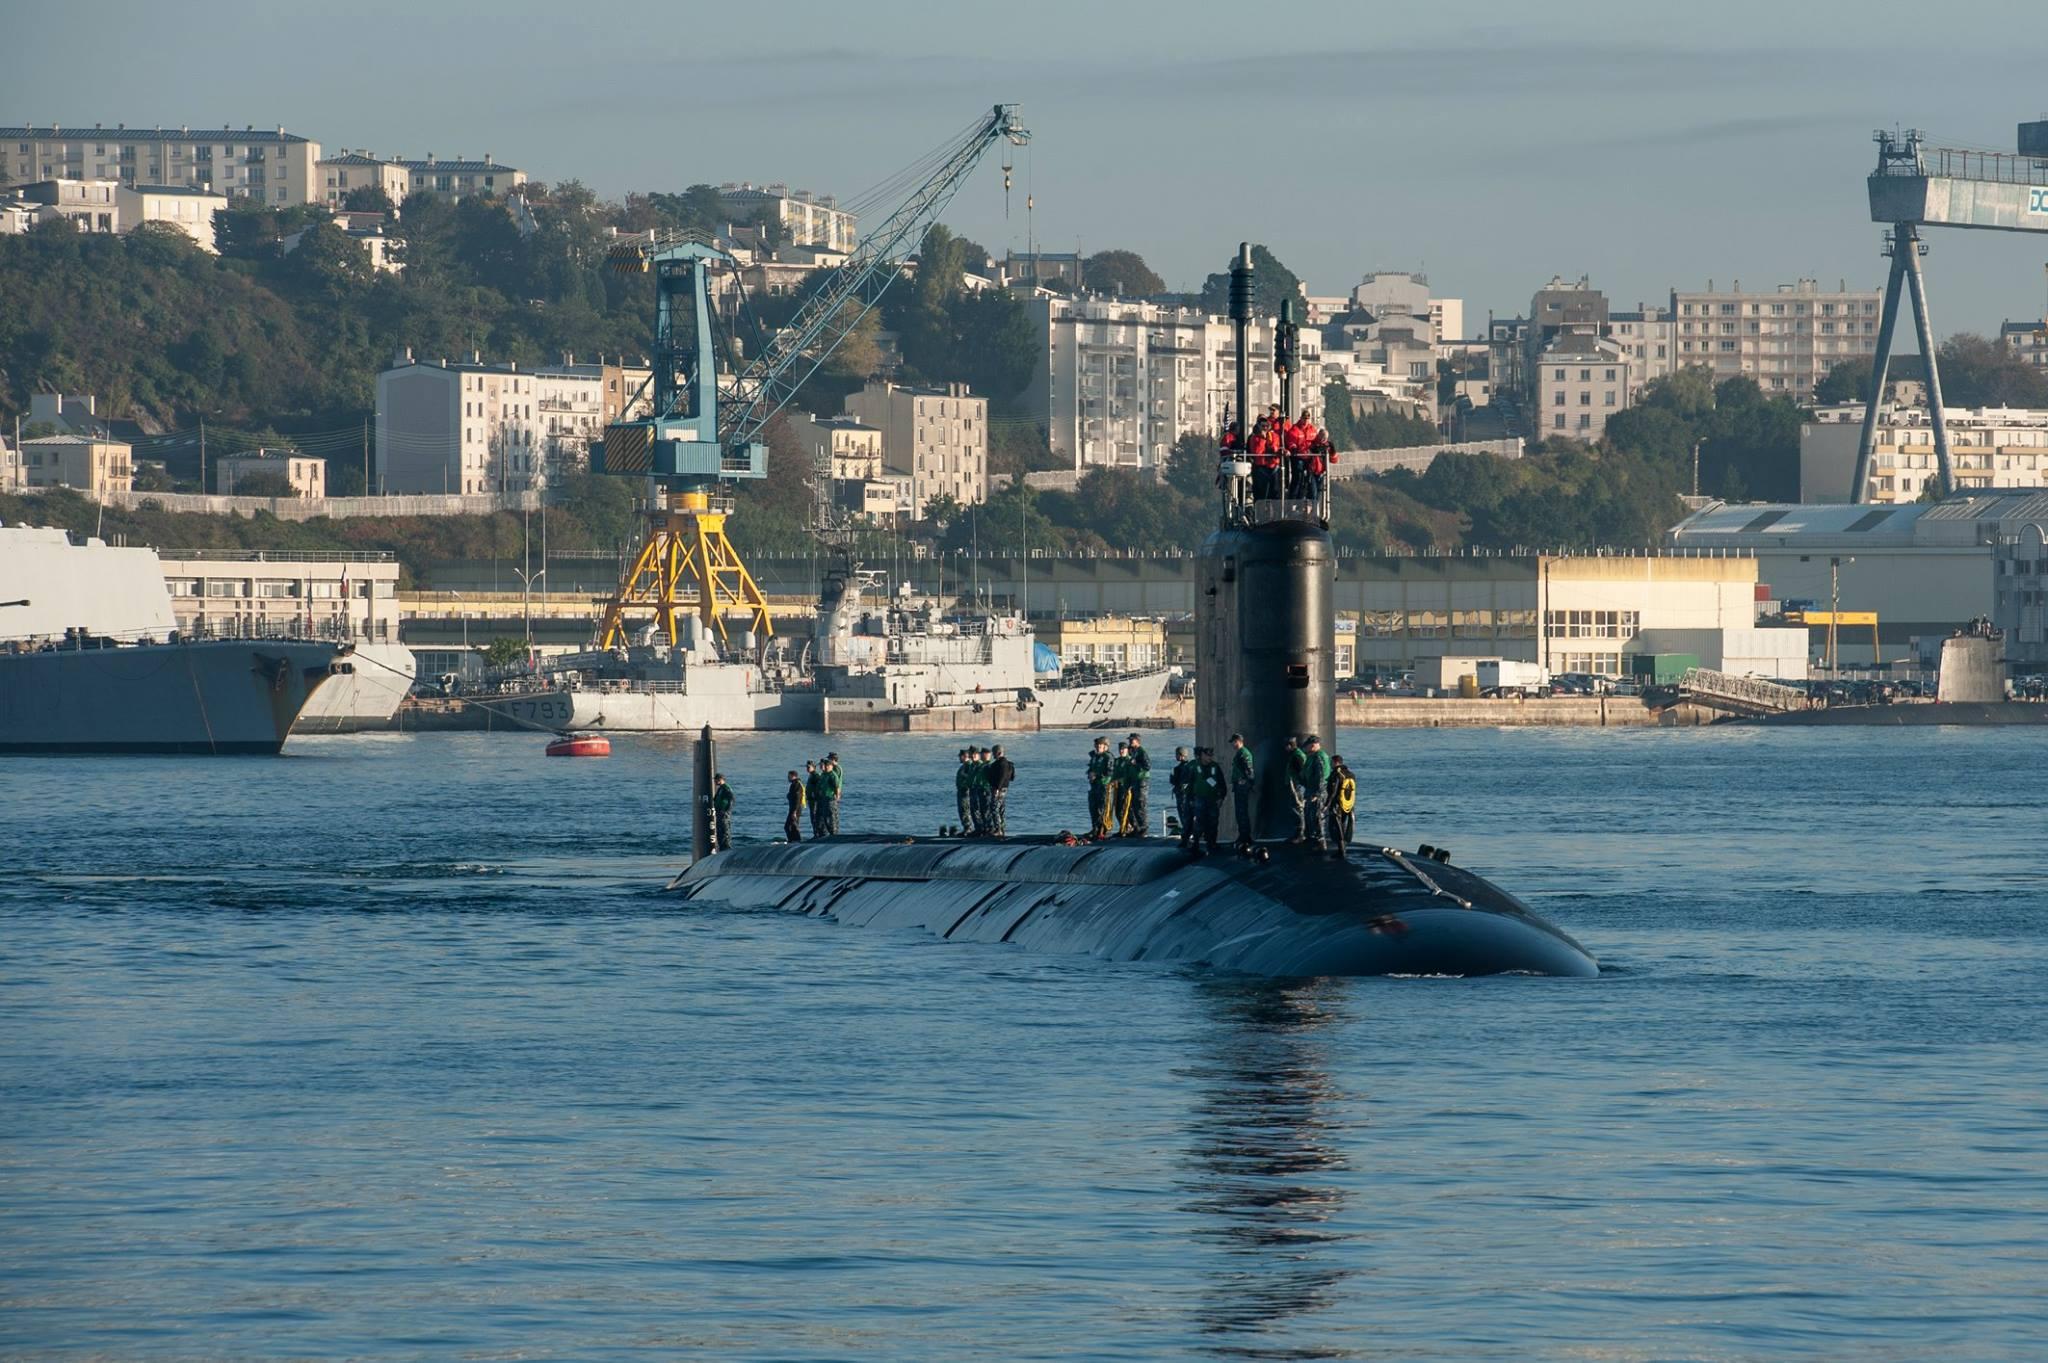 USS CALIFORNIA SSN-781 Einlaufen Brest am 14.10.2014 Bild: Marine Nationale